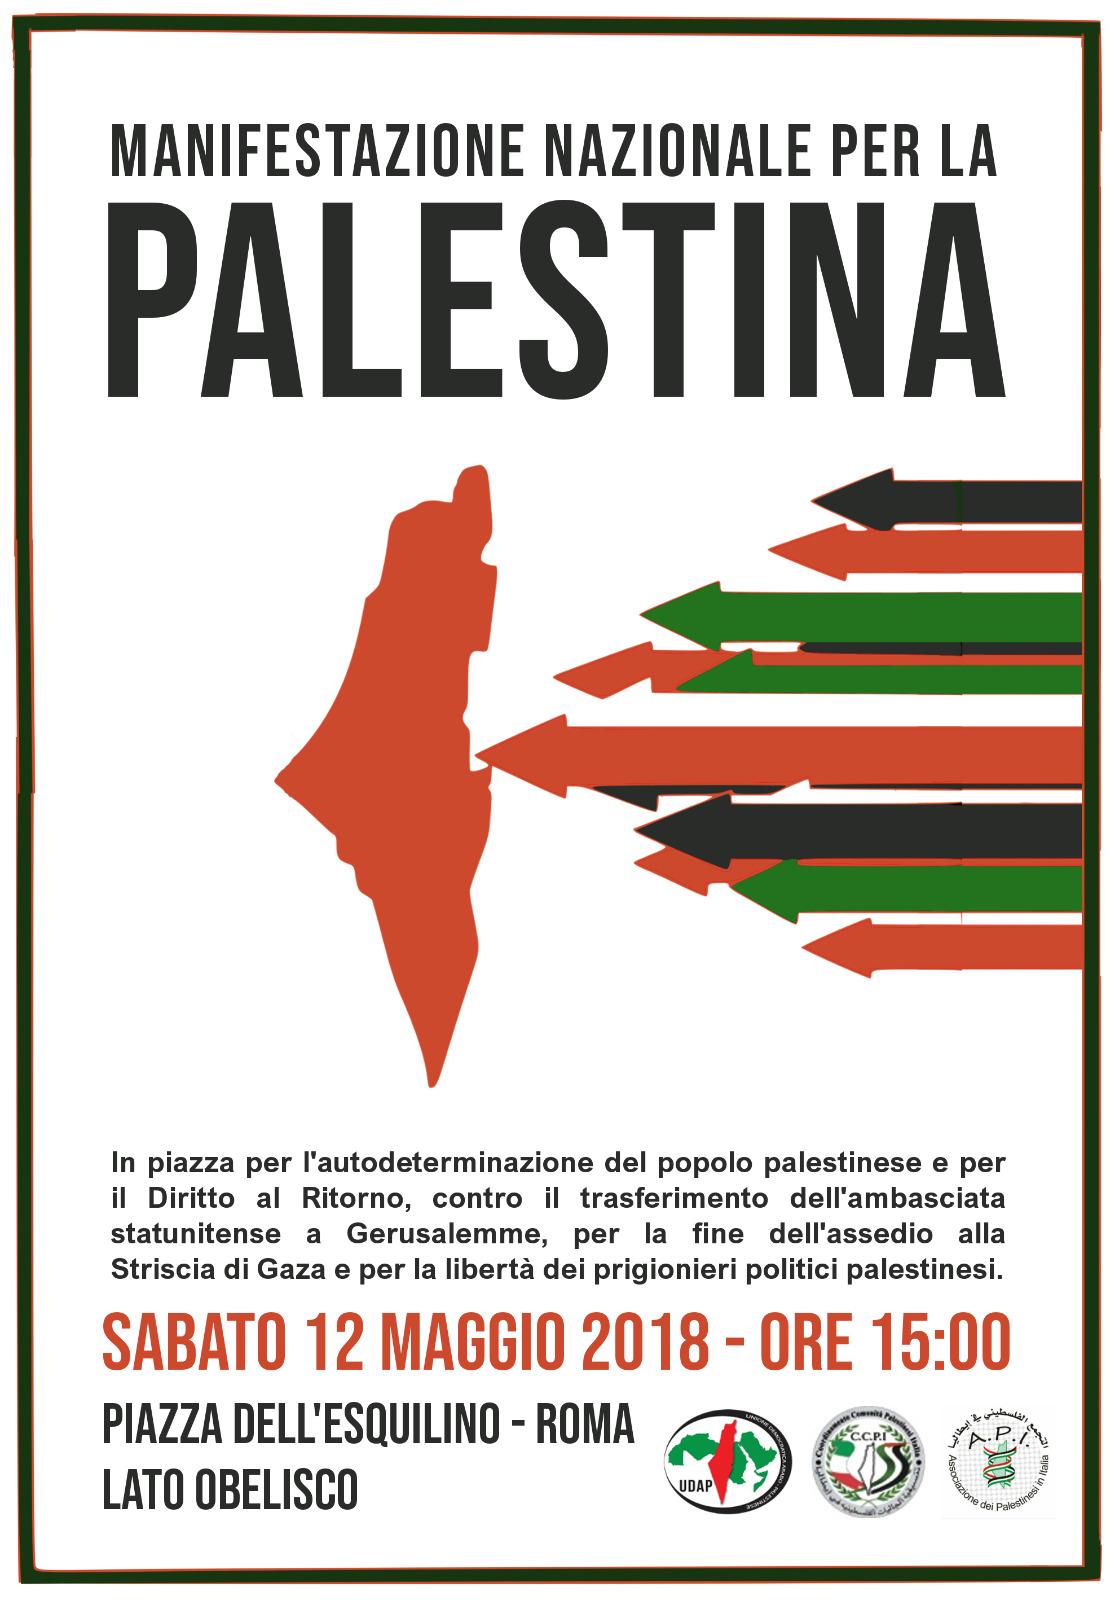 Manifestazione a Roma per il 70° anniversario della Nakba e a condanna della decisione di Trump su Gerusalemme